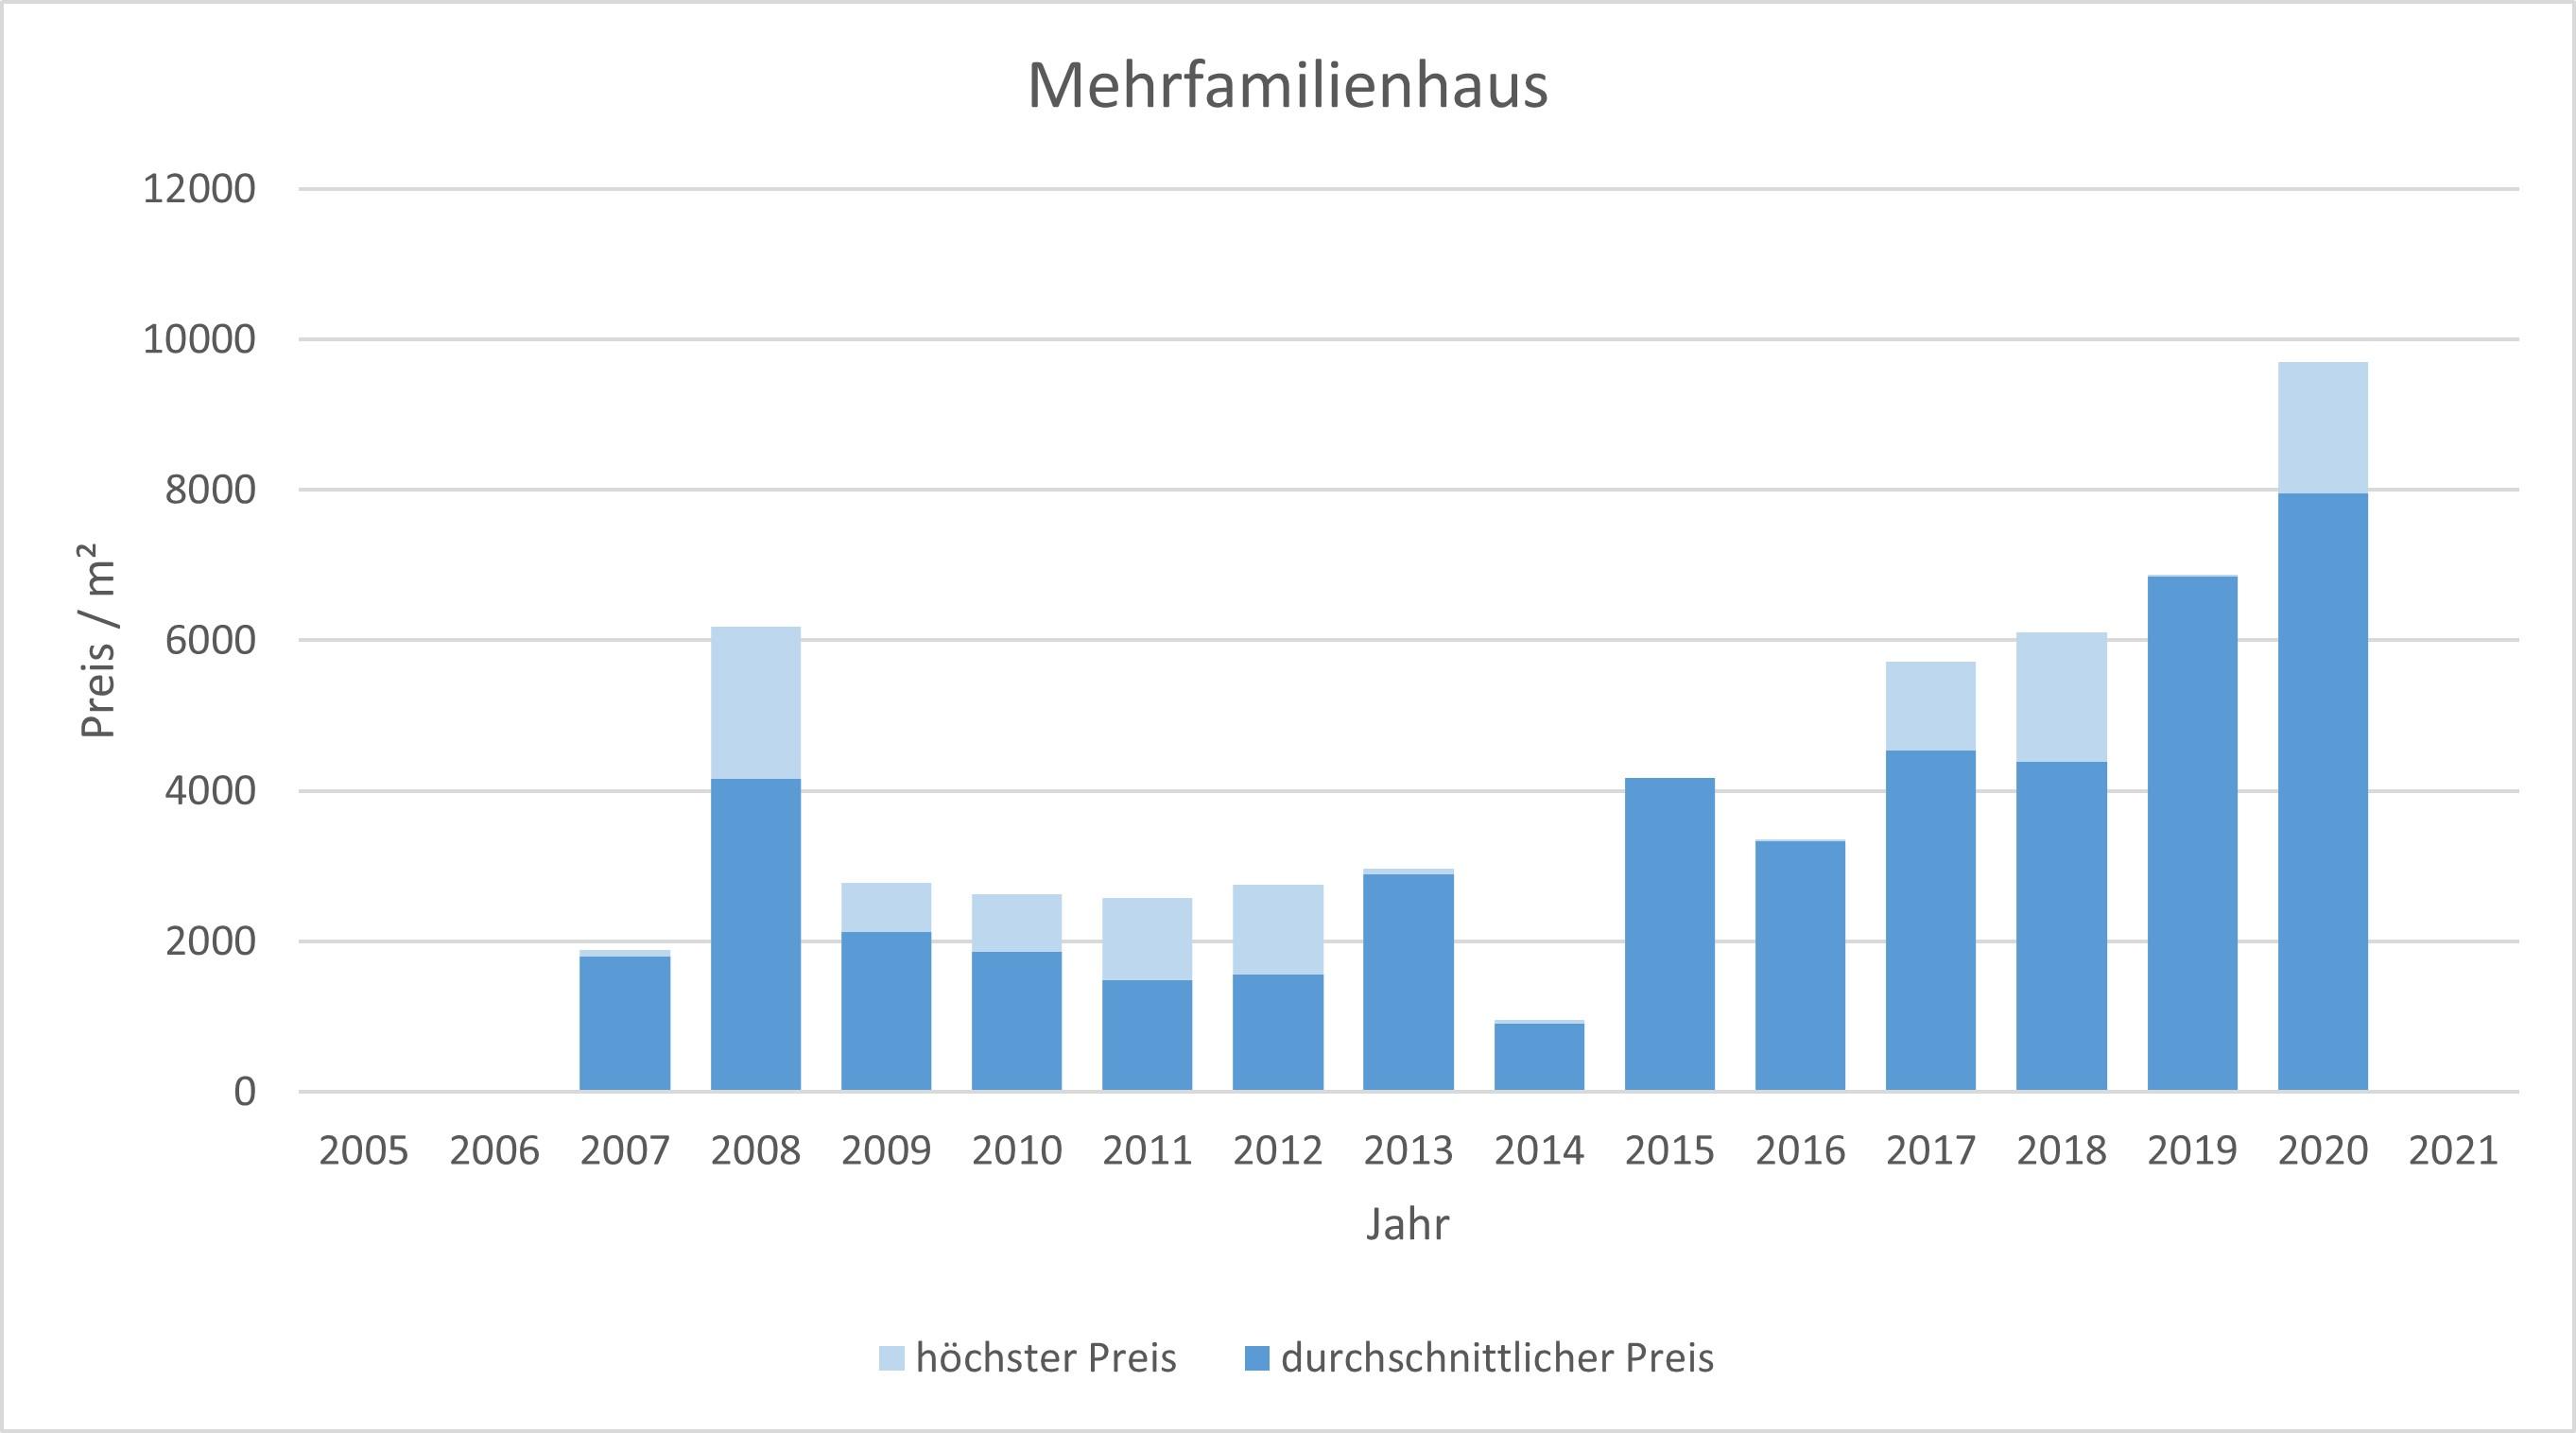 Kreuth Mehrfamilienhaus kaufen verkaufen Preis Bewertung Makler www.happy-immo.de 2019 2020 2021